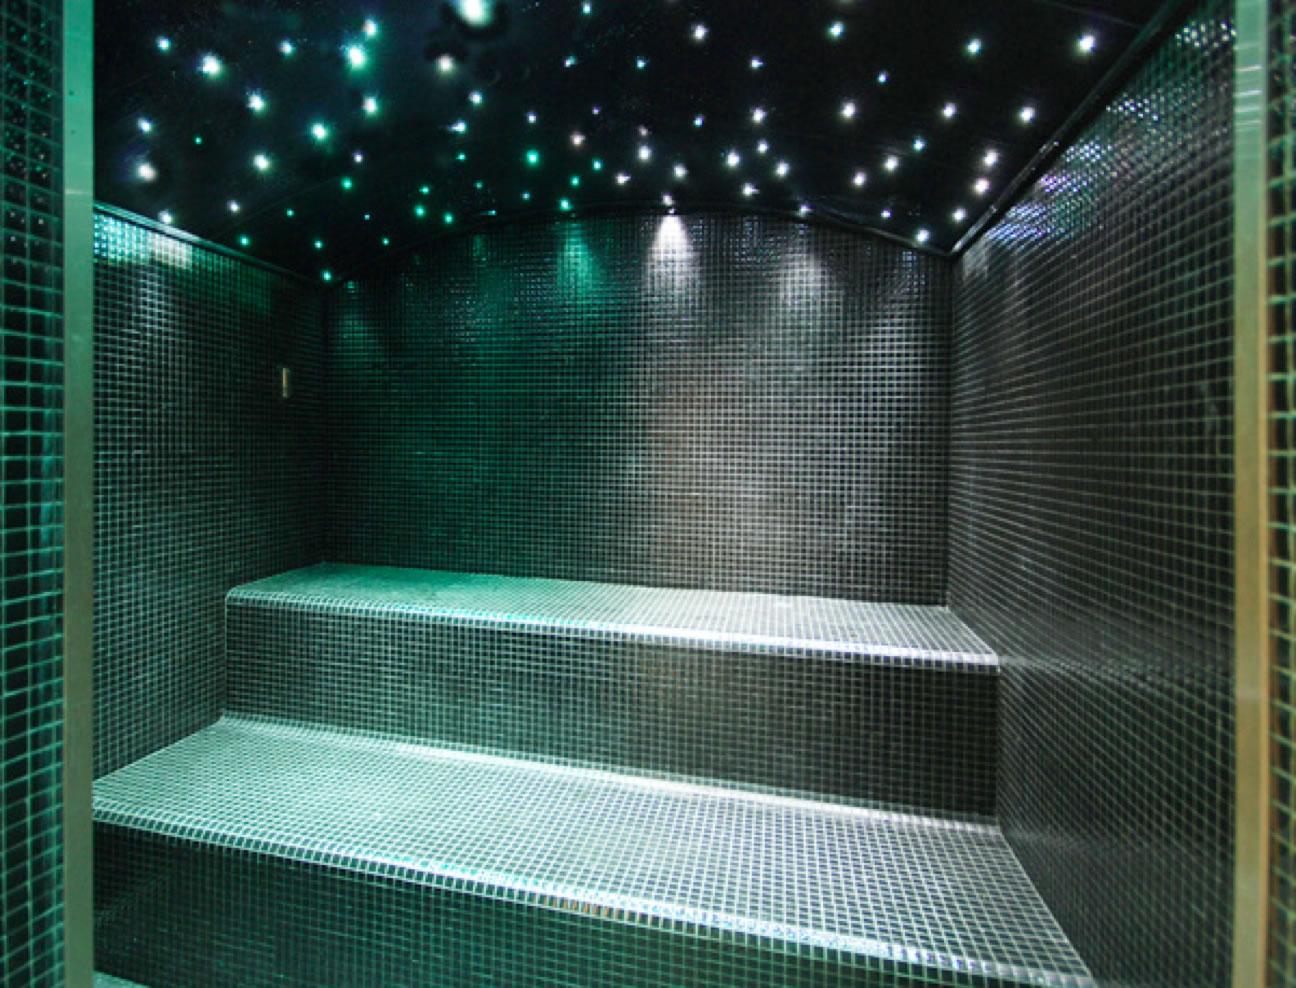 Centro benessere royalpool piscine su misura materiali per ville e casali puglia e basilicata - Effetti benefici del bagno turco ...